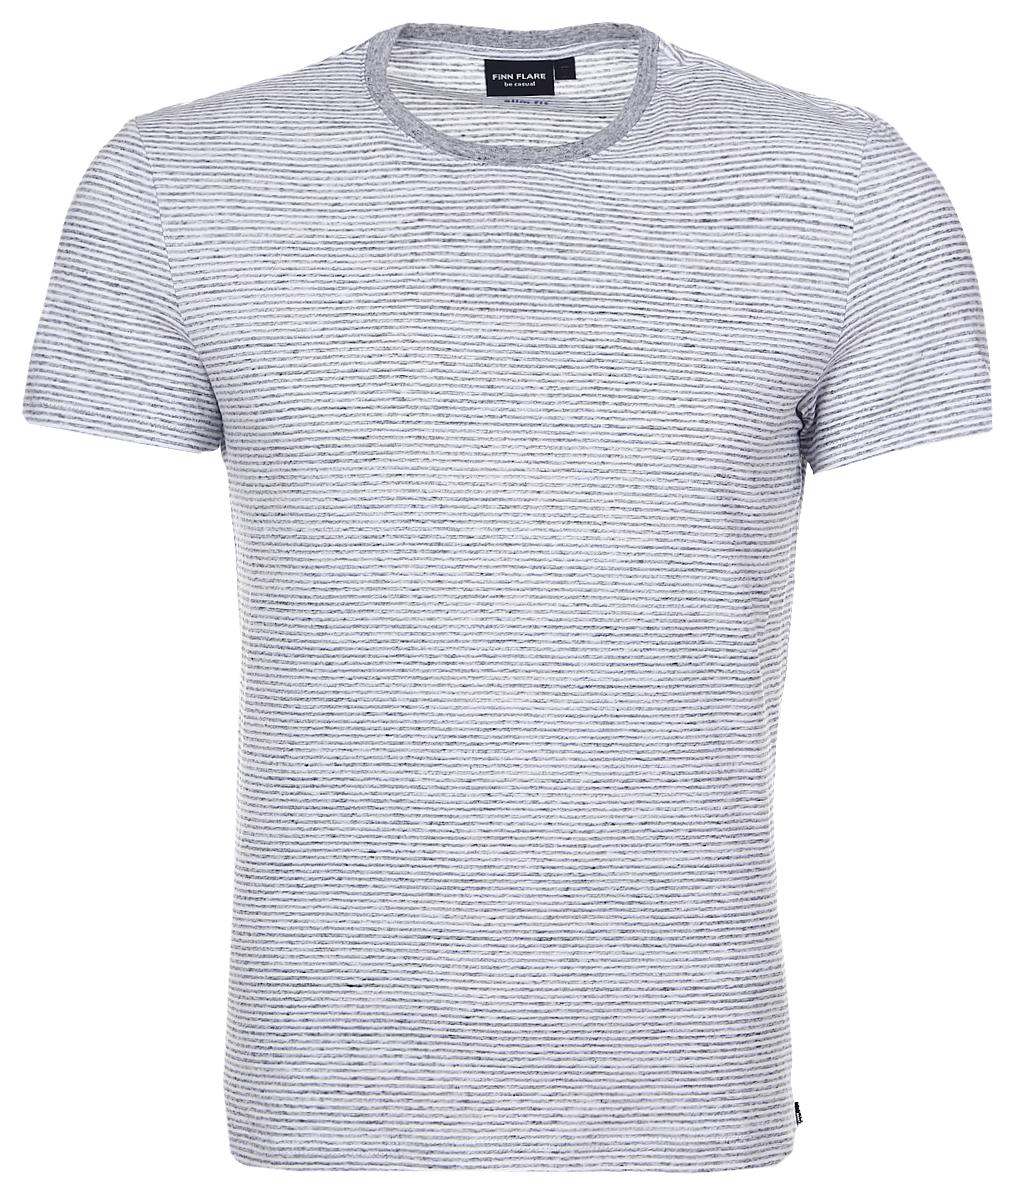 ФутболкаB17-22023_300Мужская футболка Finn Flare, изготовленная из натурального хлопка, очень мягкая, тактильно приятная и не сковывает движения. Изделие с круглым вырезом горловины и короткими рукавами оформлено принтом в полоску. Вырез горловины дополнен трикотажной резинкой.